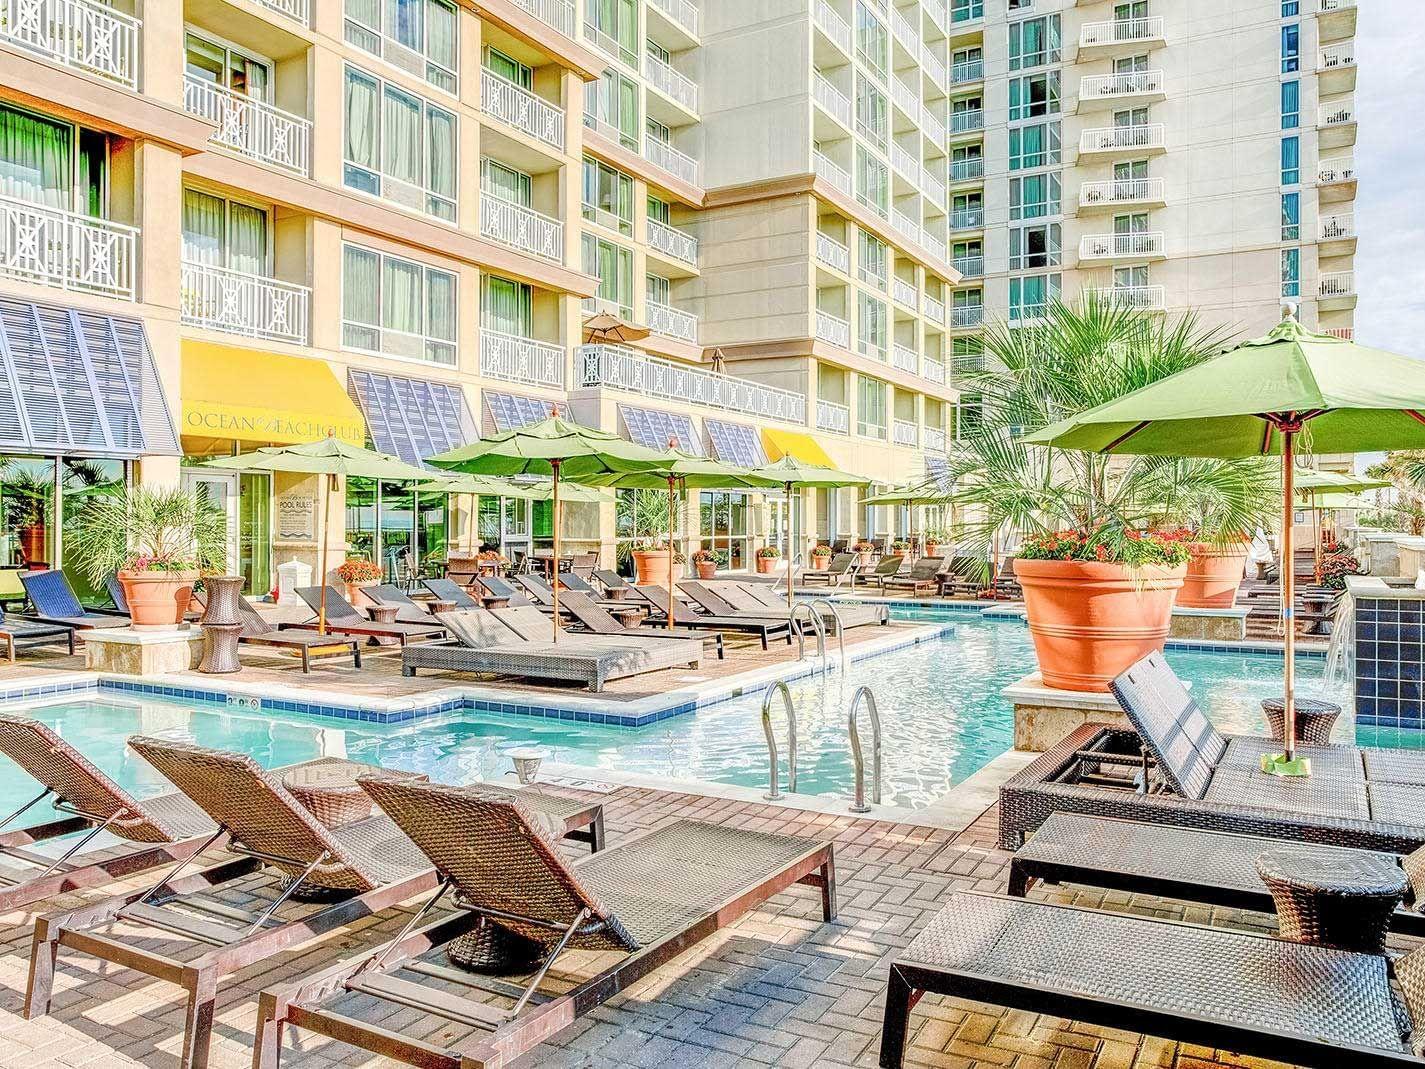 Ocean Beach Club at Diamond Resorts Virginia Beach